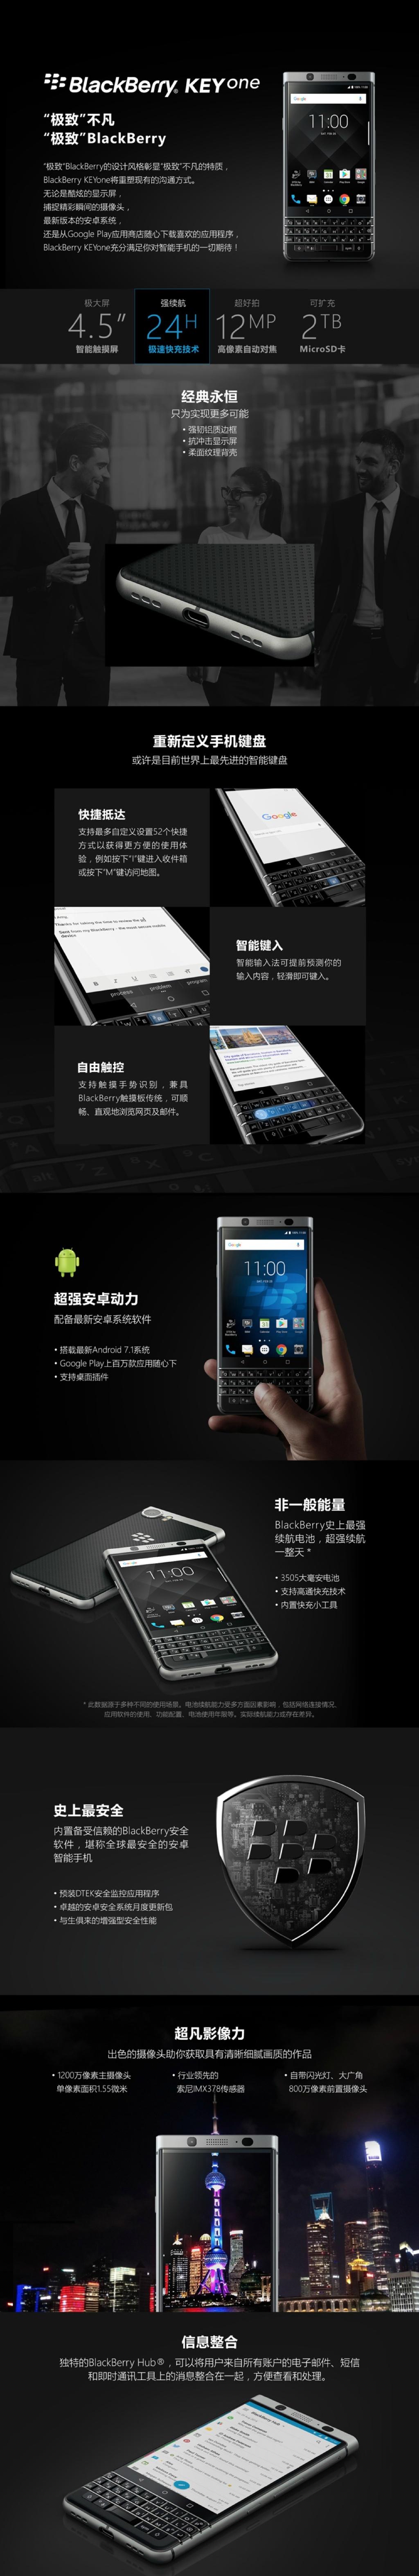 黑莓KeyOne手机